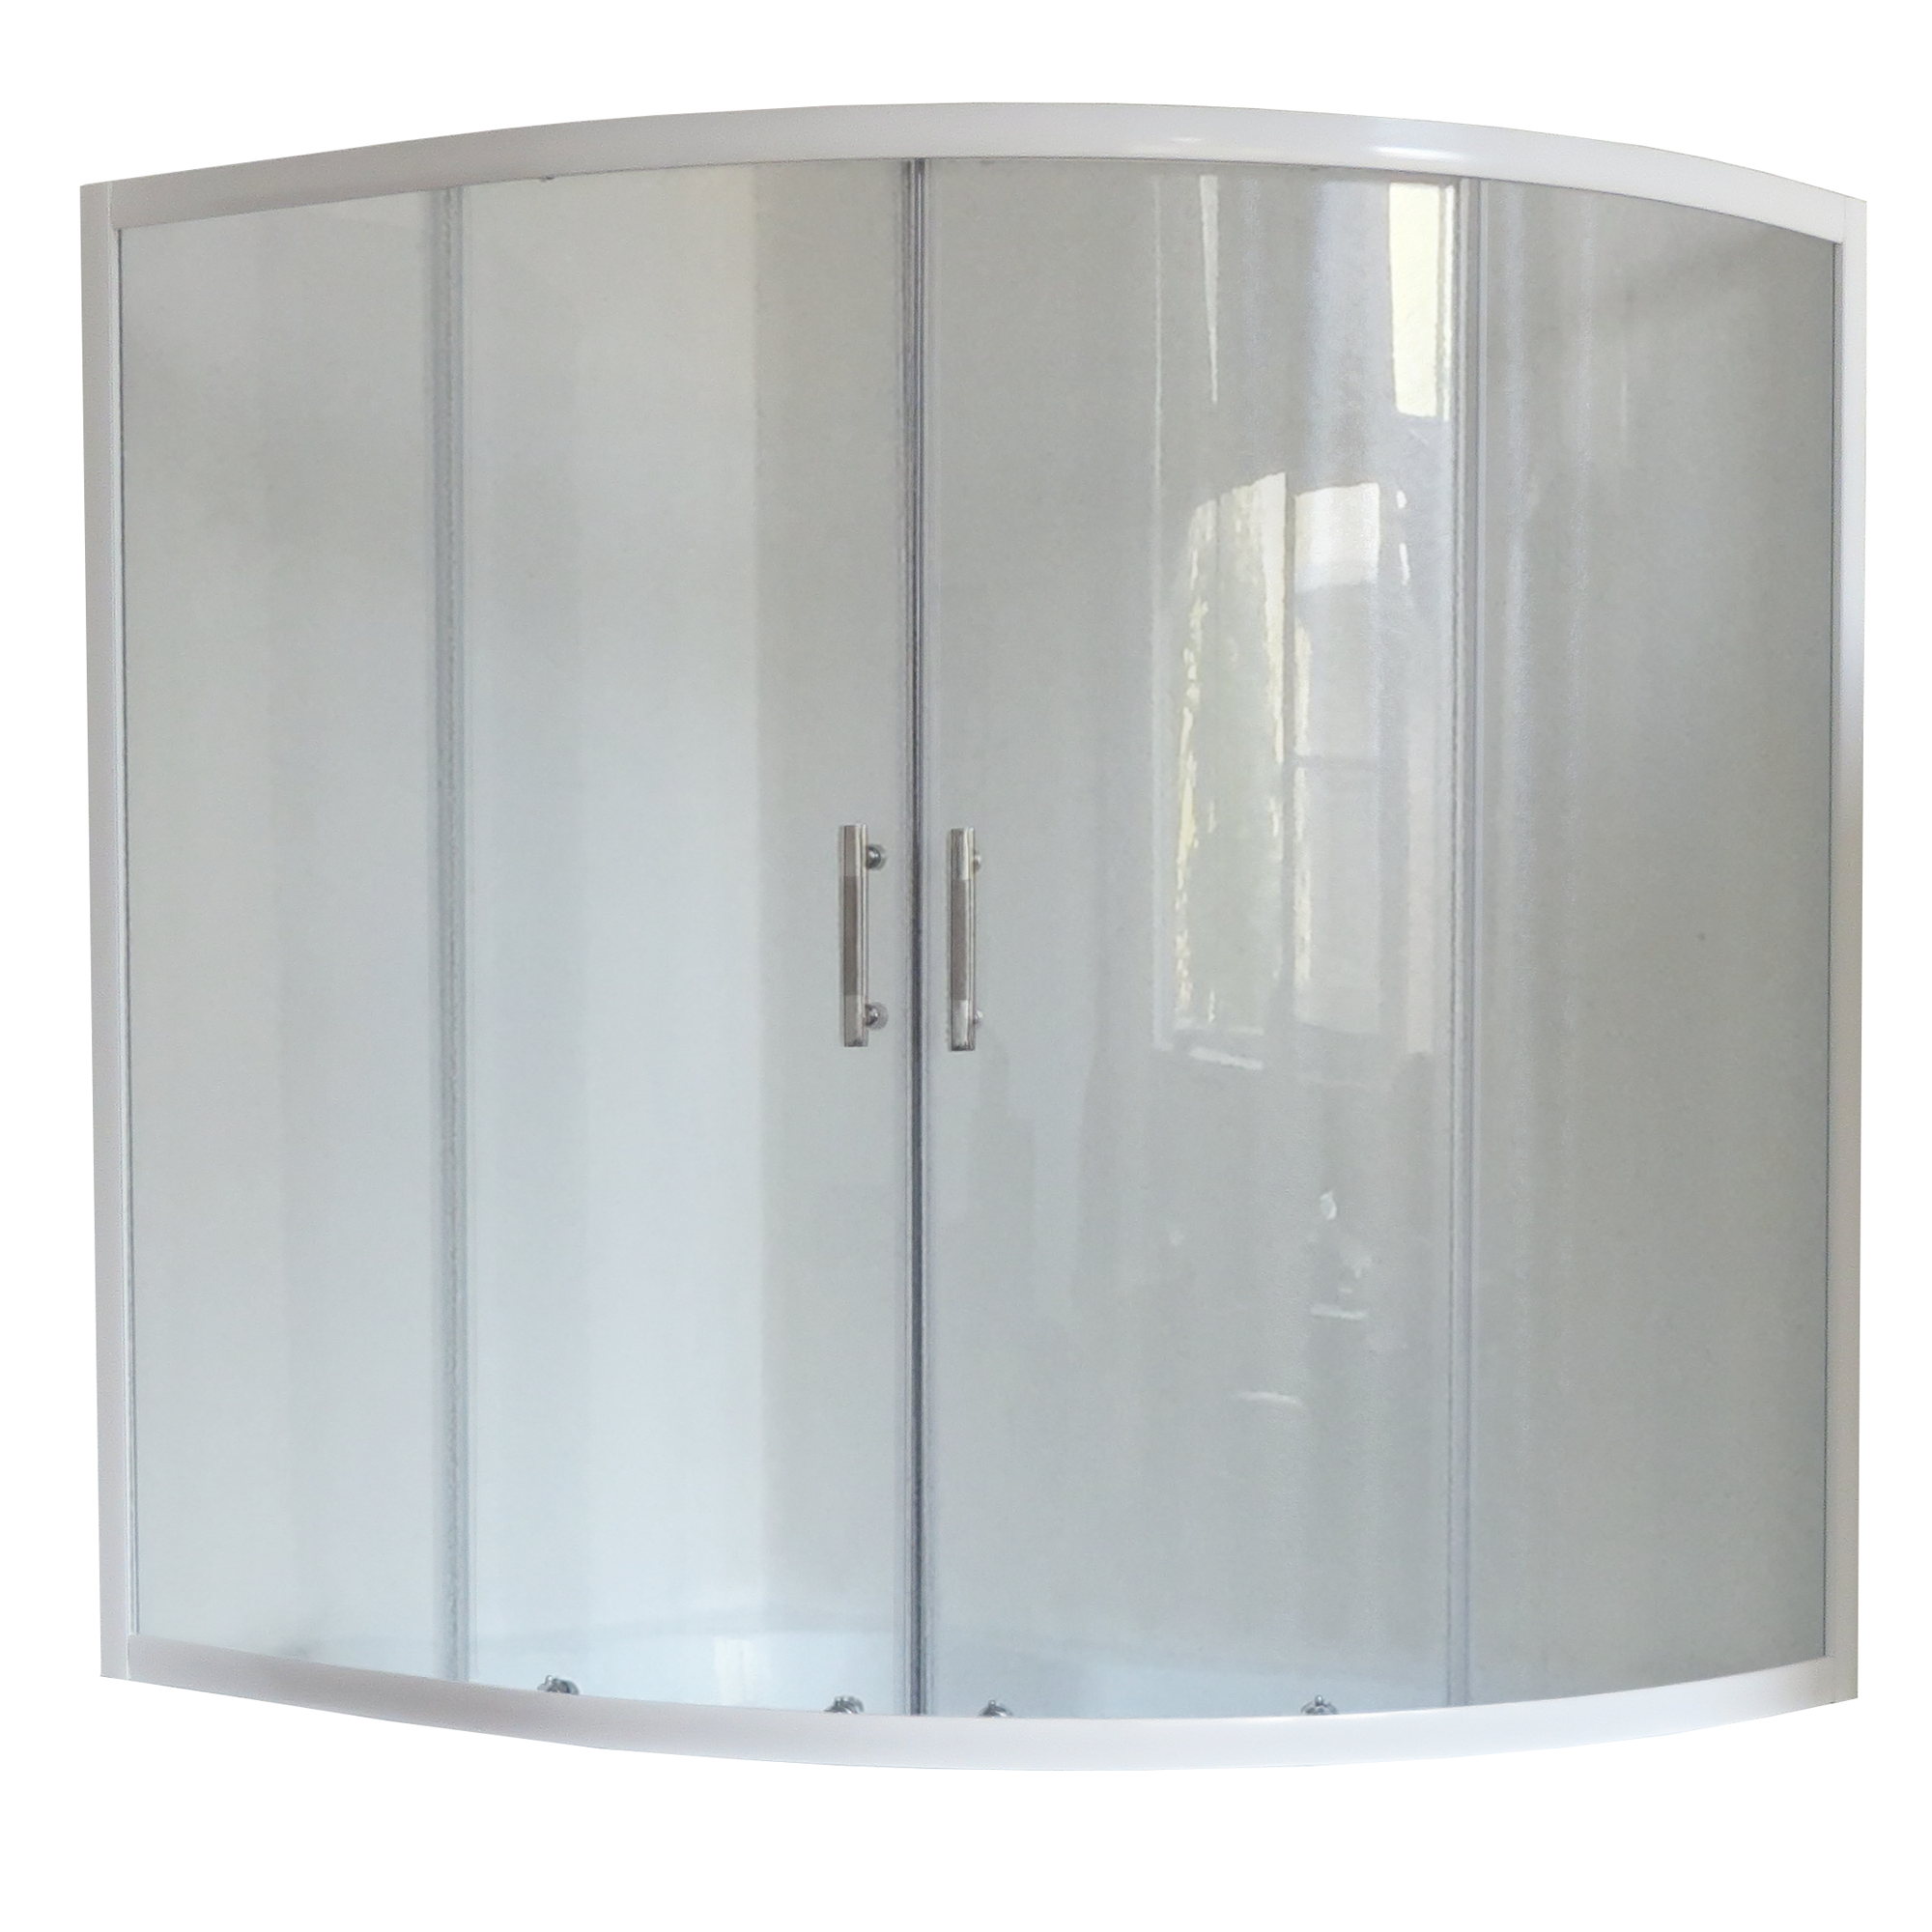 Шторка для ванны Royal bath 170ALP-T 170х100x150 прозрачная душевая шторка на ванну royal bath alpine стекло прозрачное rb160alp t